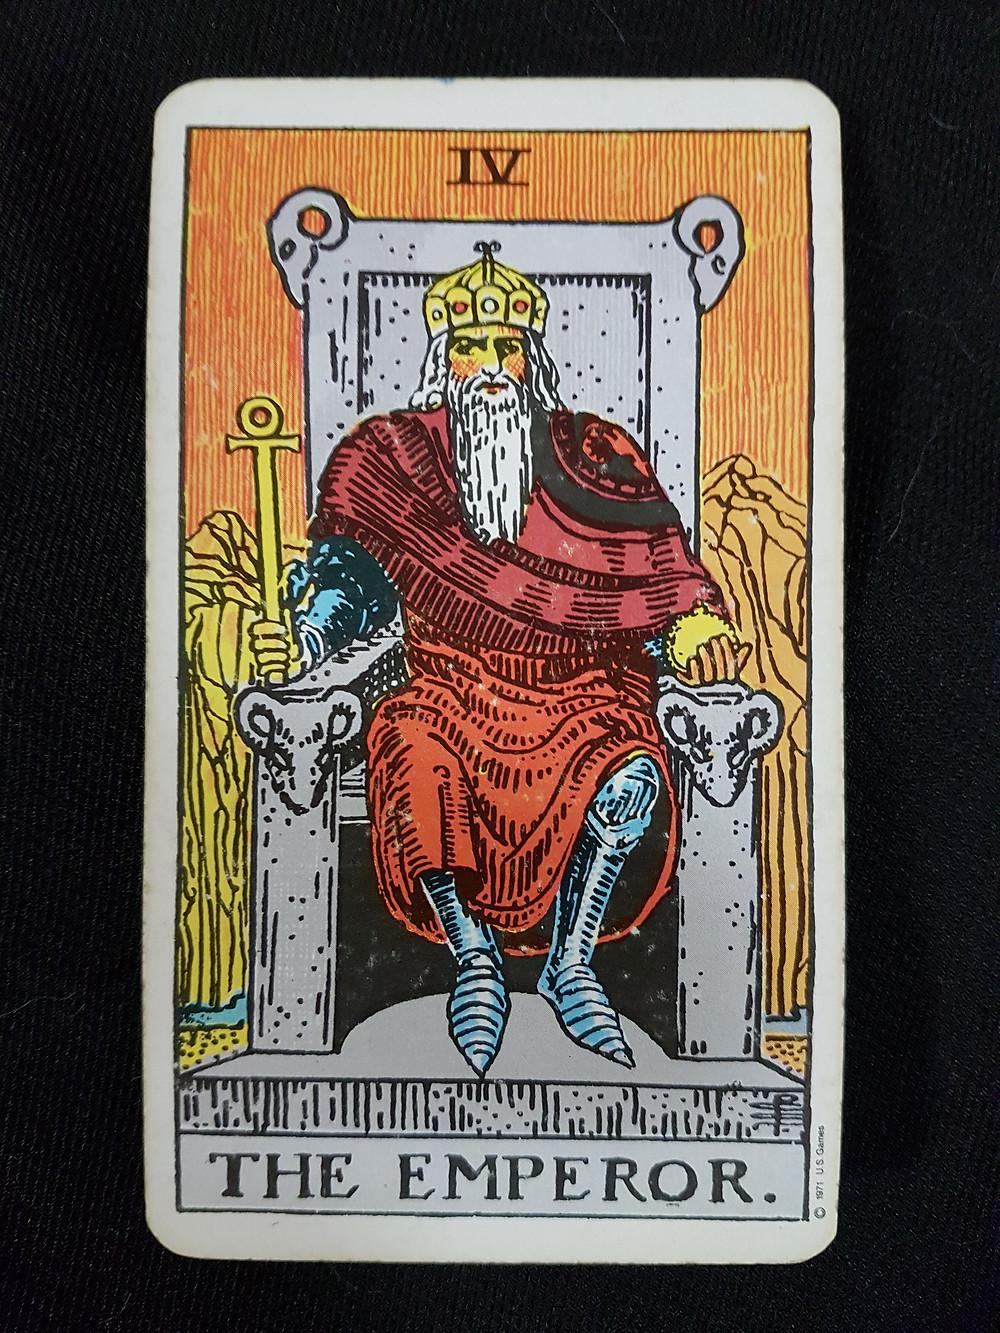 The Emperor No 4 | lynsreadings.com